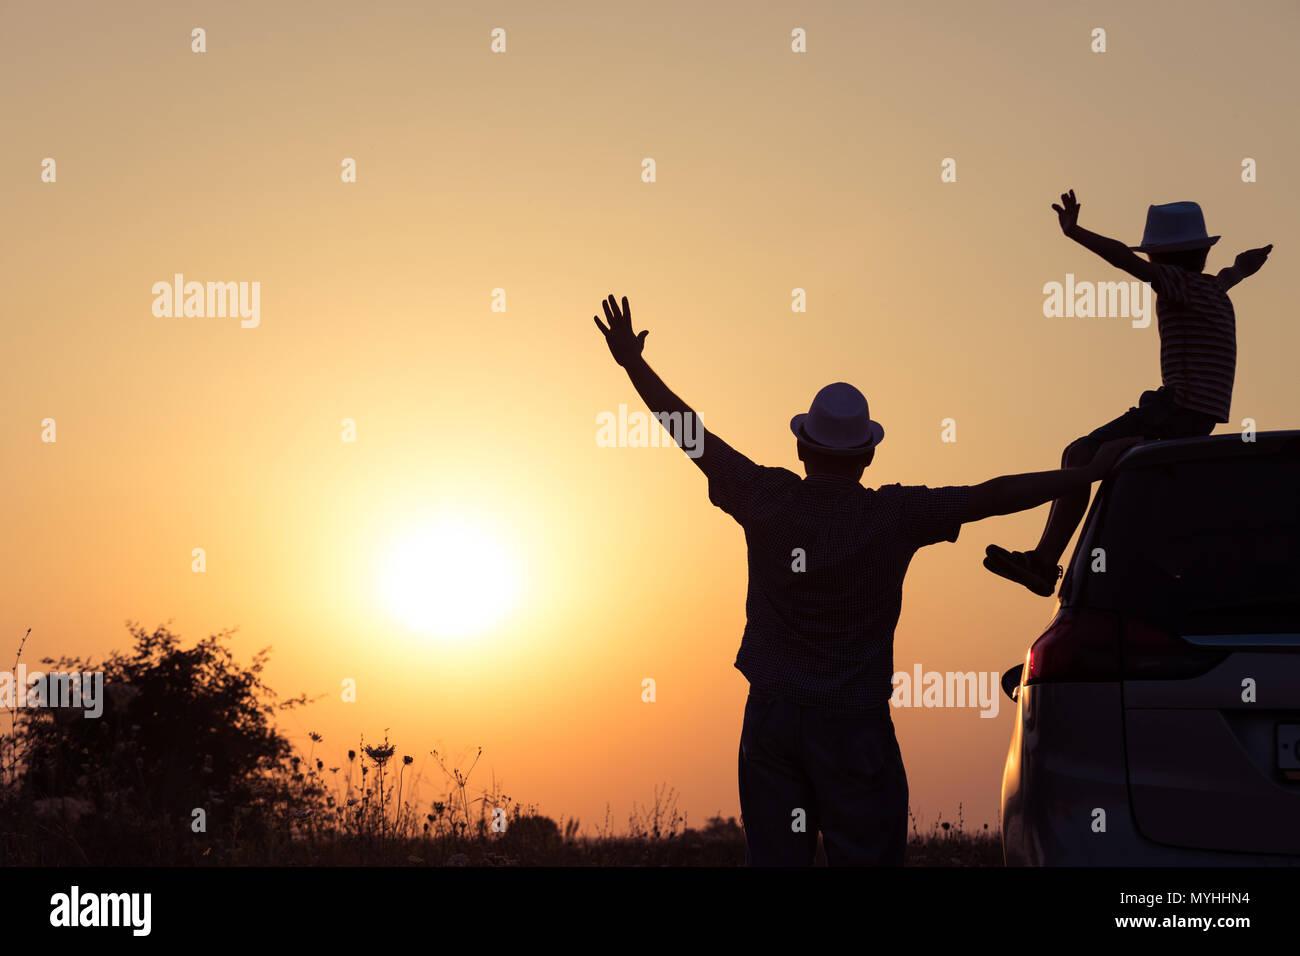 Vater und Sohn spielen im Park bei Sonnenuntergang. Leute, die Spaß auf dem Feld. Konzept der freundliche Familie und der Sommerferien. Stockbild